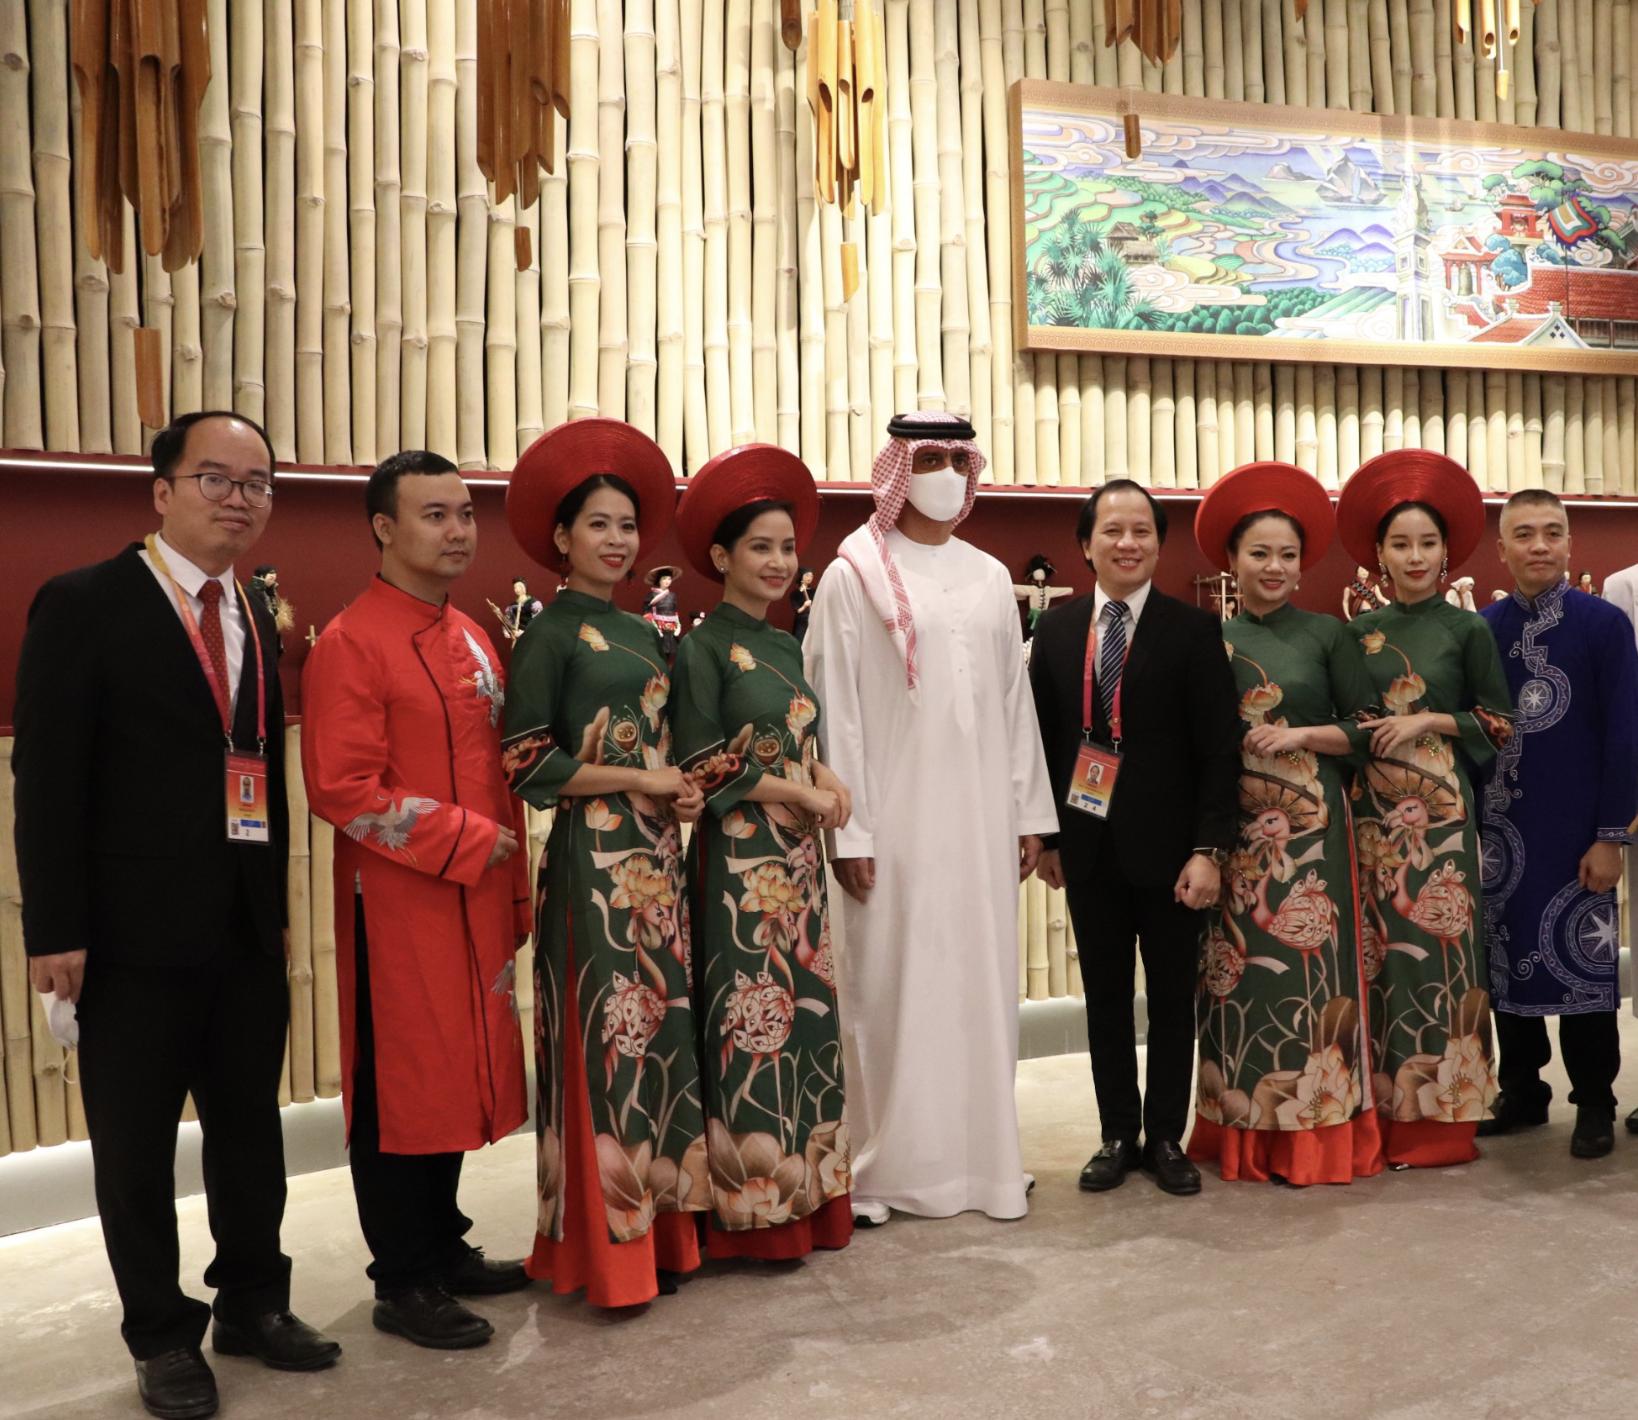 Thái tử Tiểu vương quốc Ajmal (Các Tiểu vương quốc Ả rập thống nhất) thăm Nhà Triển lãm Việt Nam